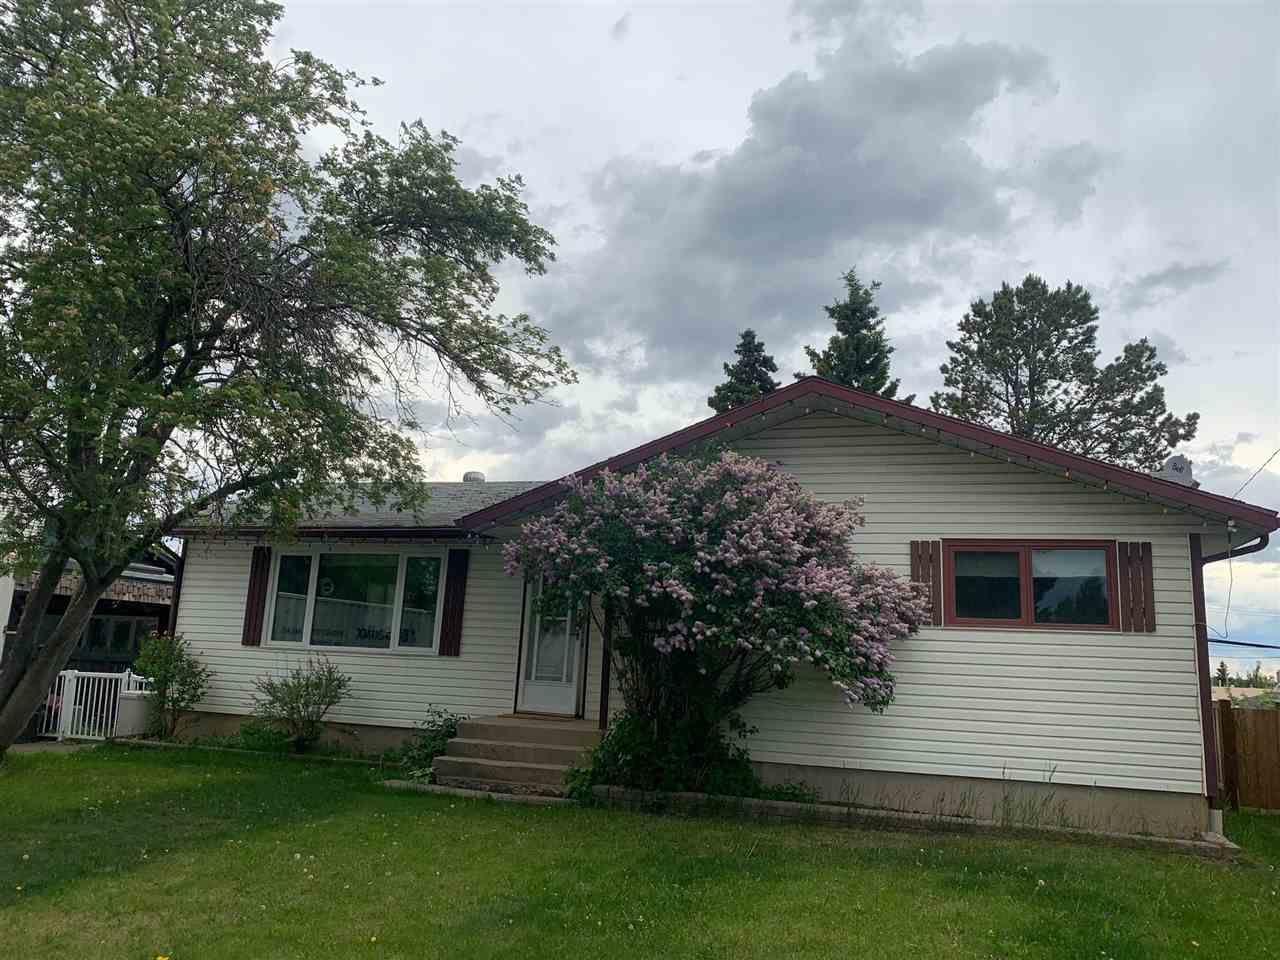 Main Photo: 9820 112 Avenue in Fort St. John: Fort St. John - City NE House for sale (Fort St. John (Zone 60))  : MLS®# R2576381